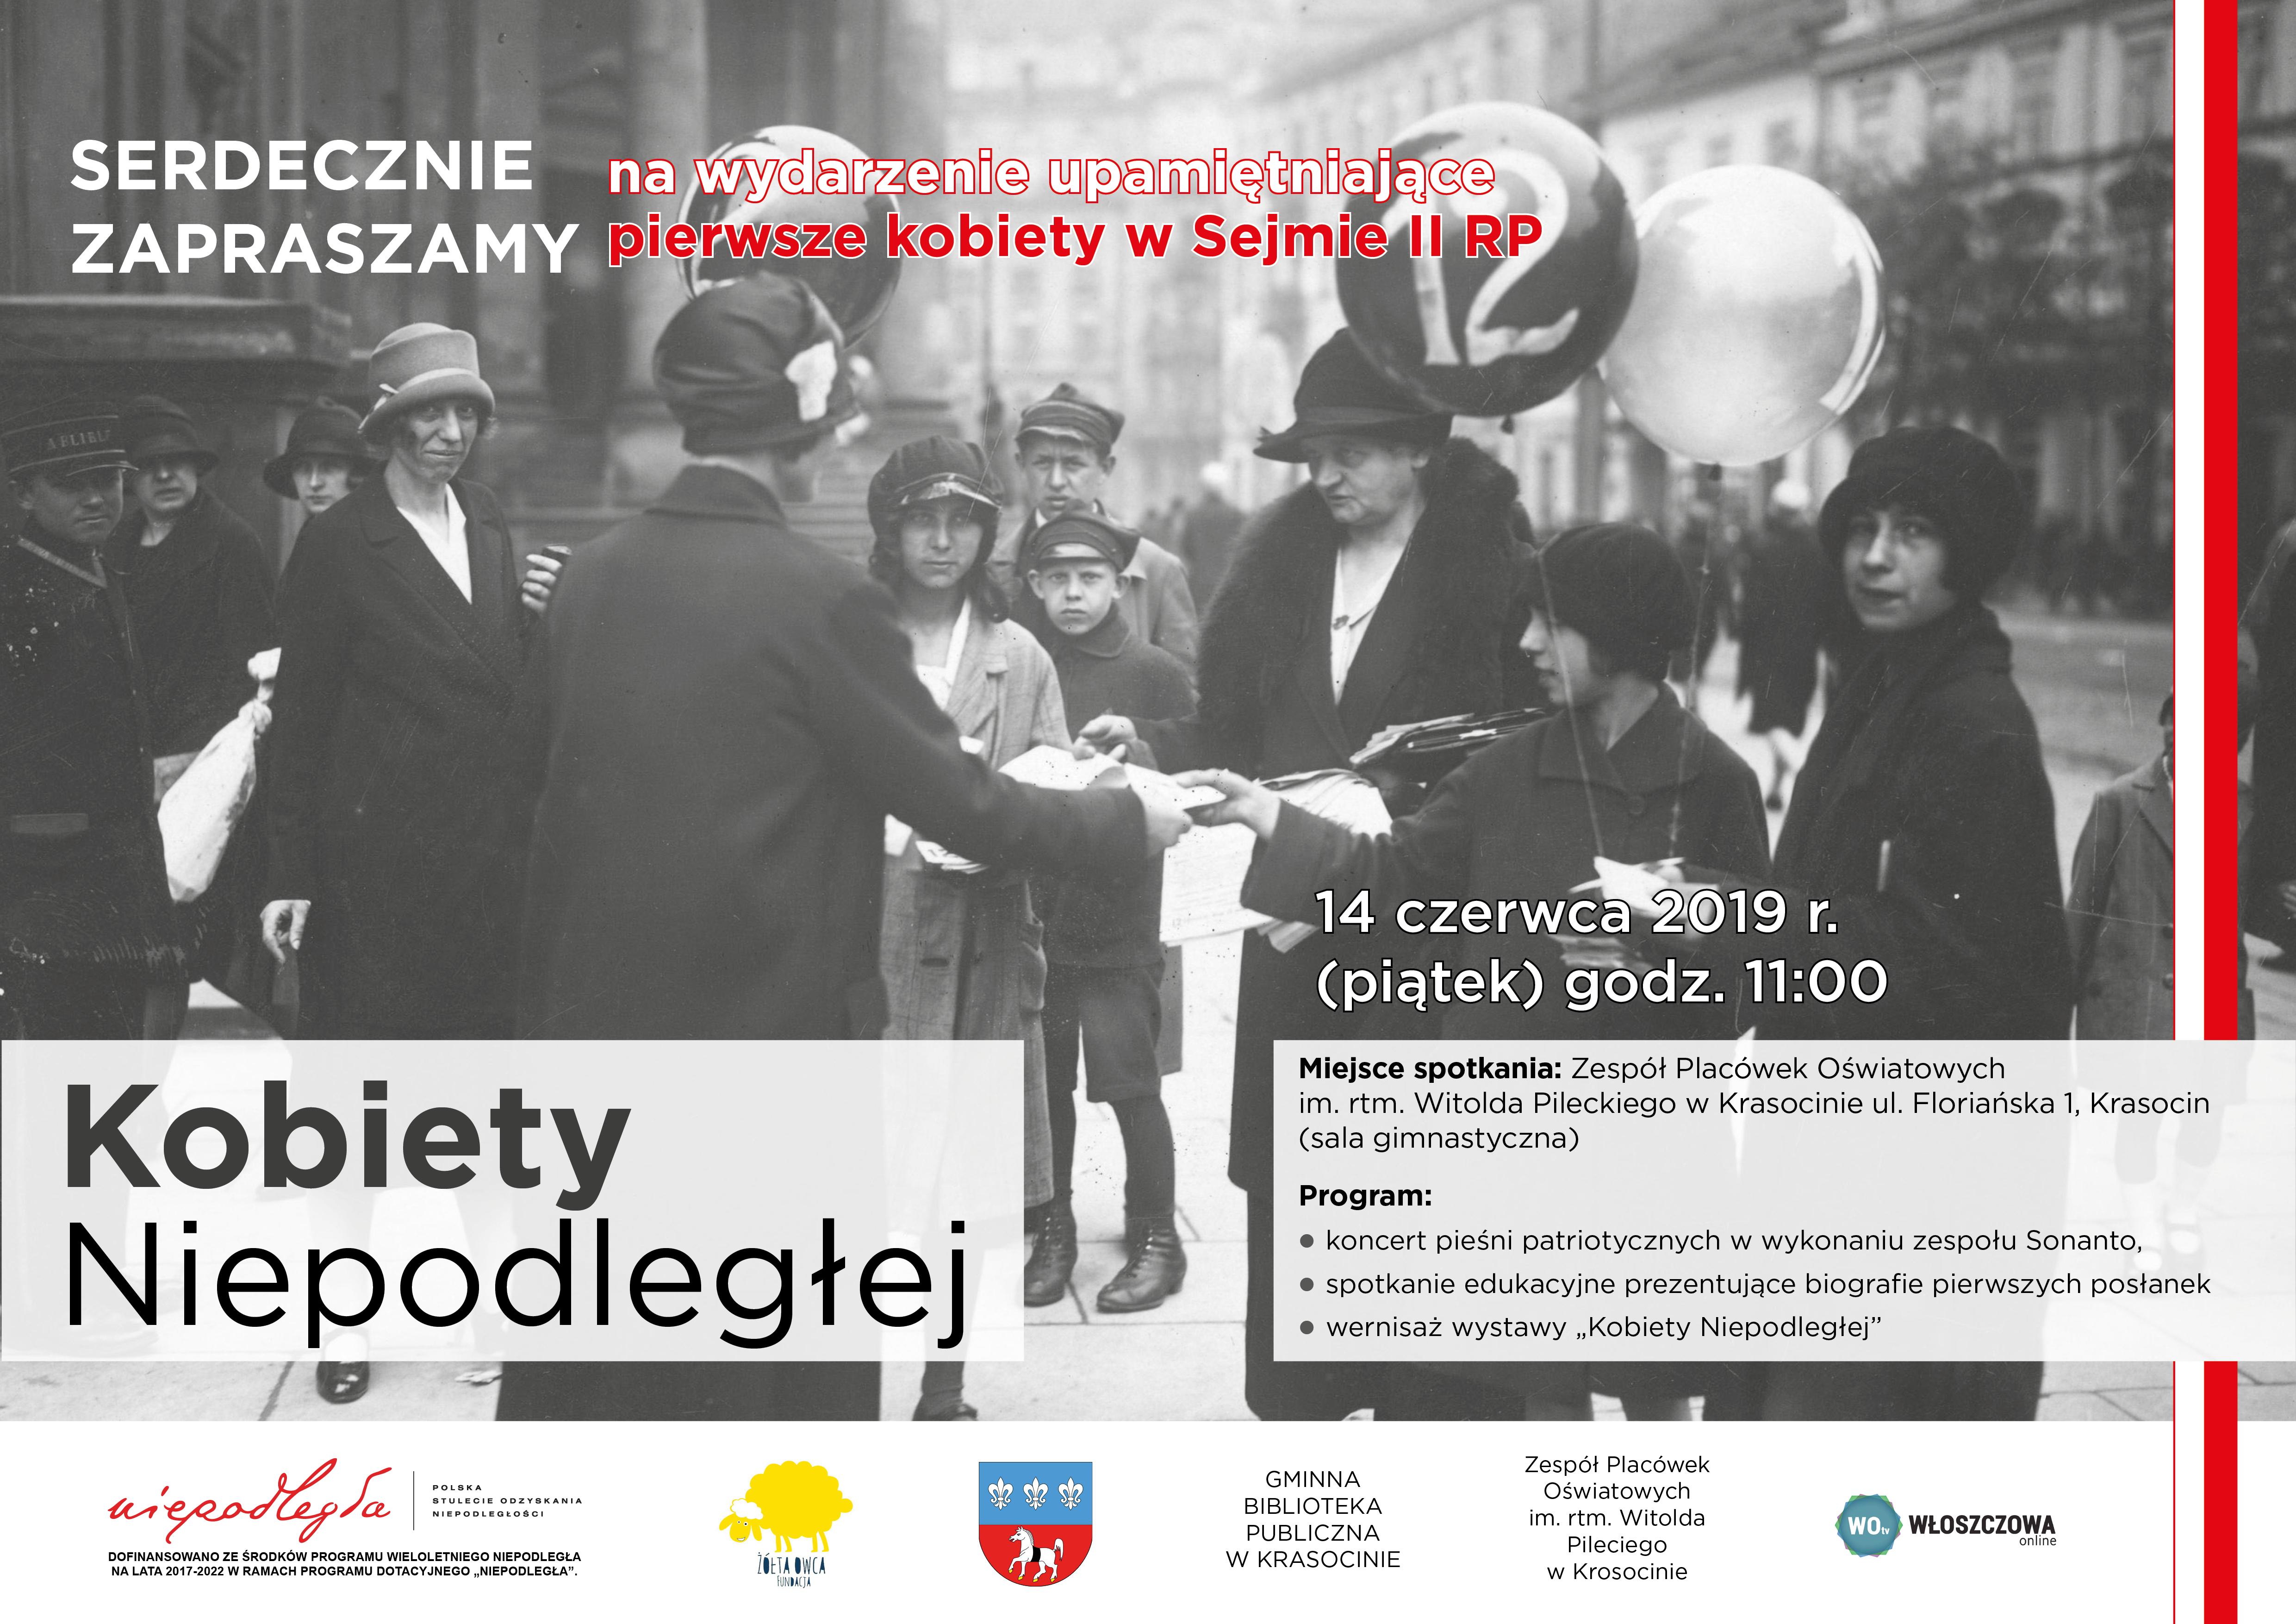 plakat_Kobiety_Niepodległej - koncert i wystawa- spotkanie edukacyjne, 14 czerwca godz. 11:00